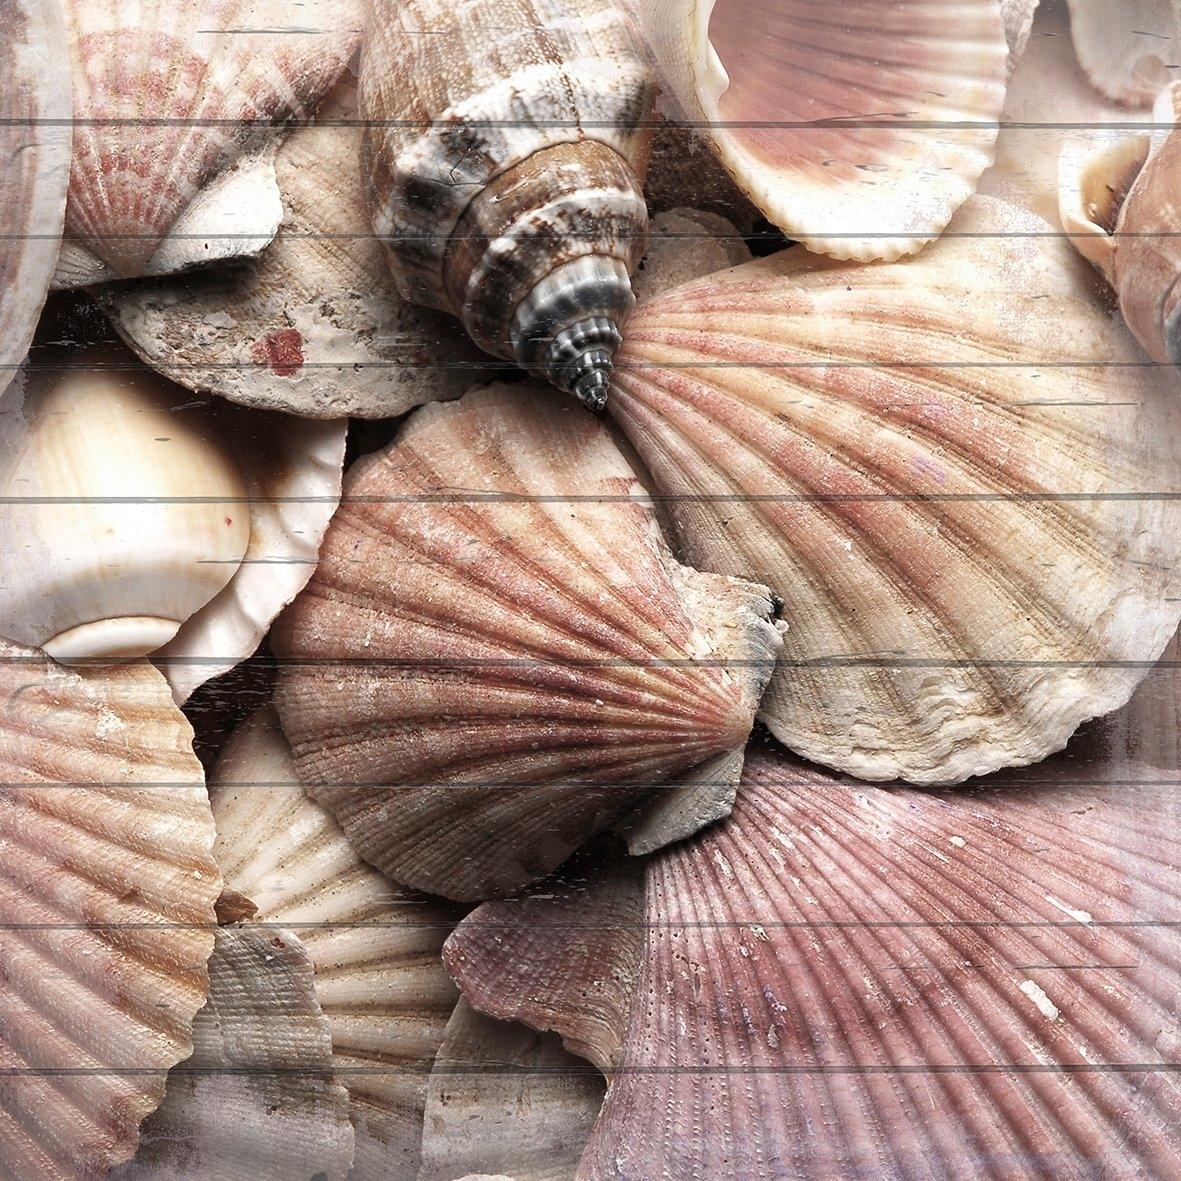 Op zoek naar een Queence Artprint op hout »collectie zee«, 40x40 cm echt hout? Koop online bij OTTO